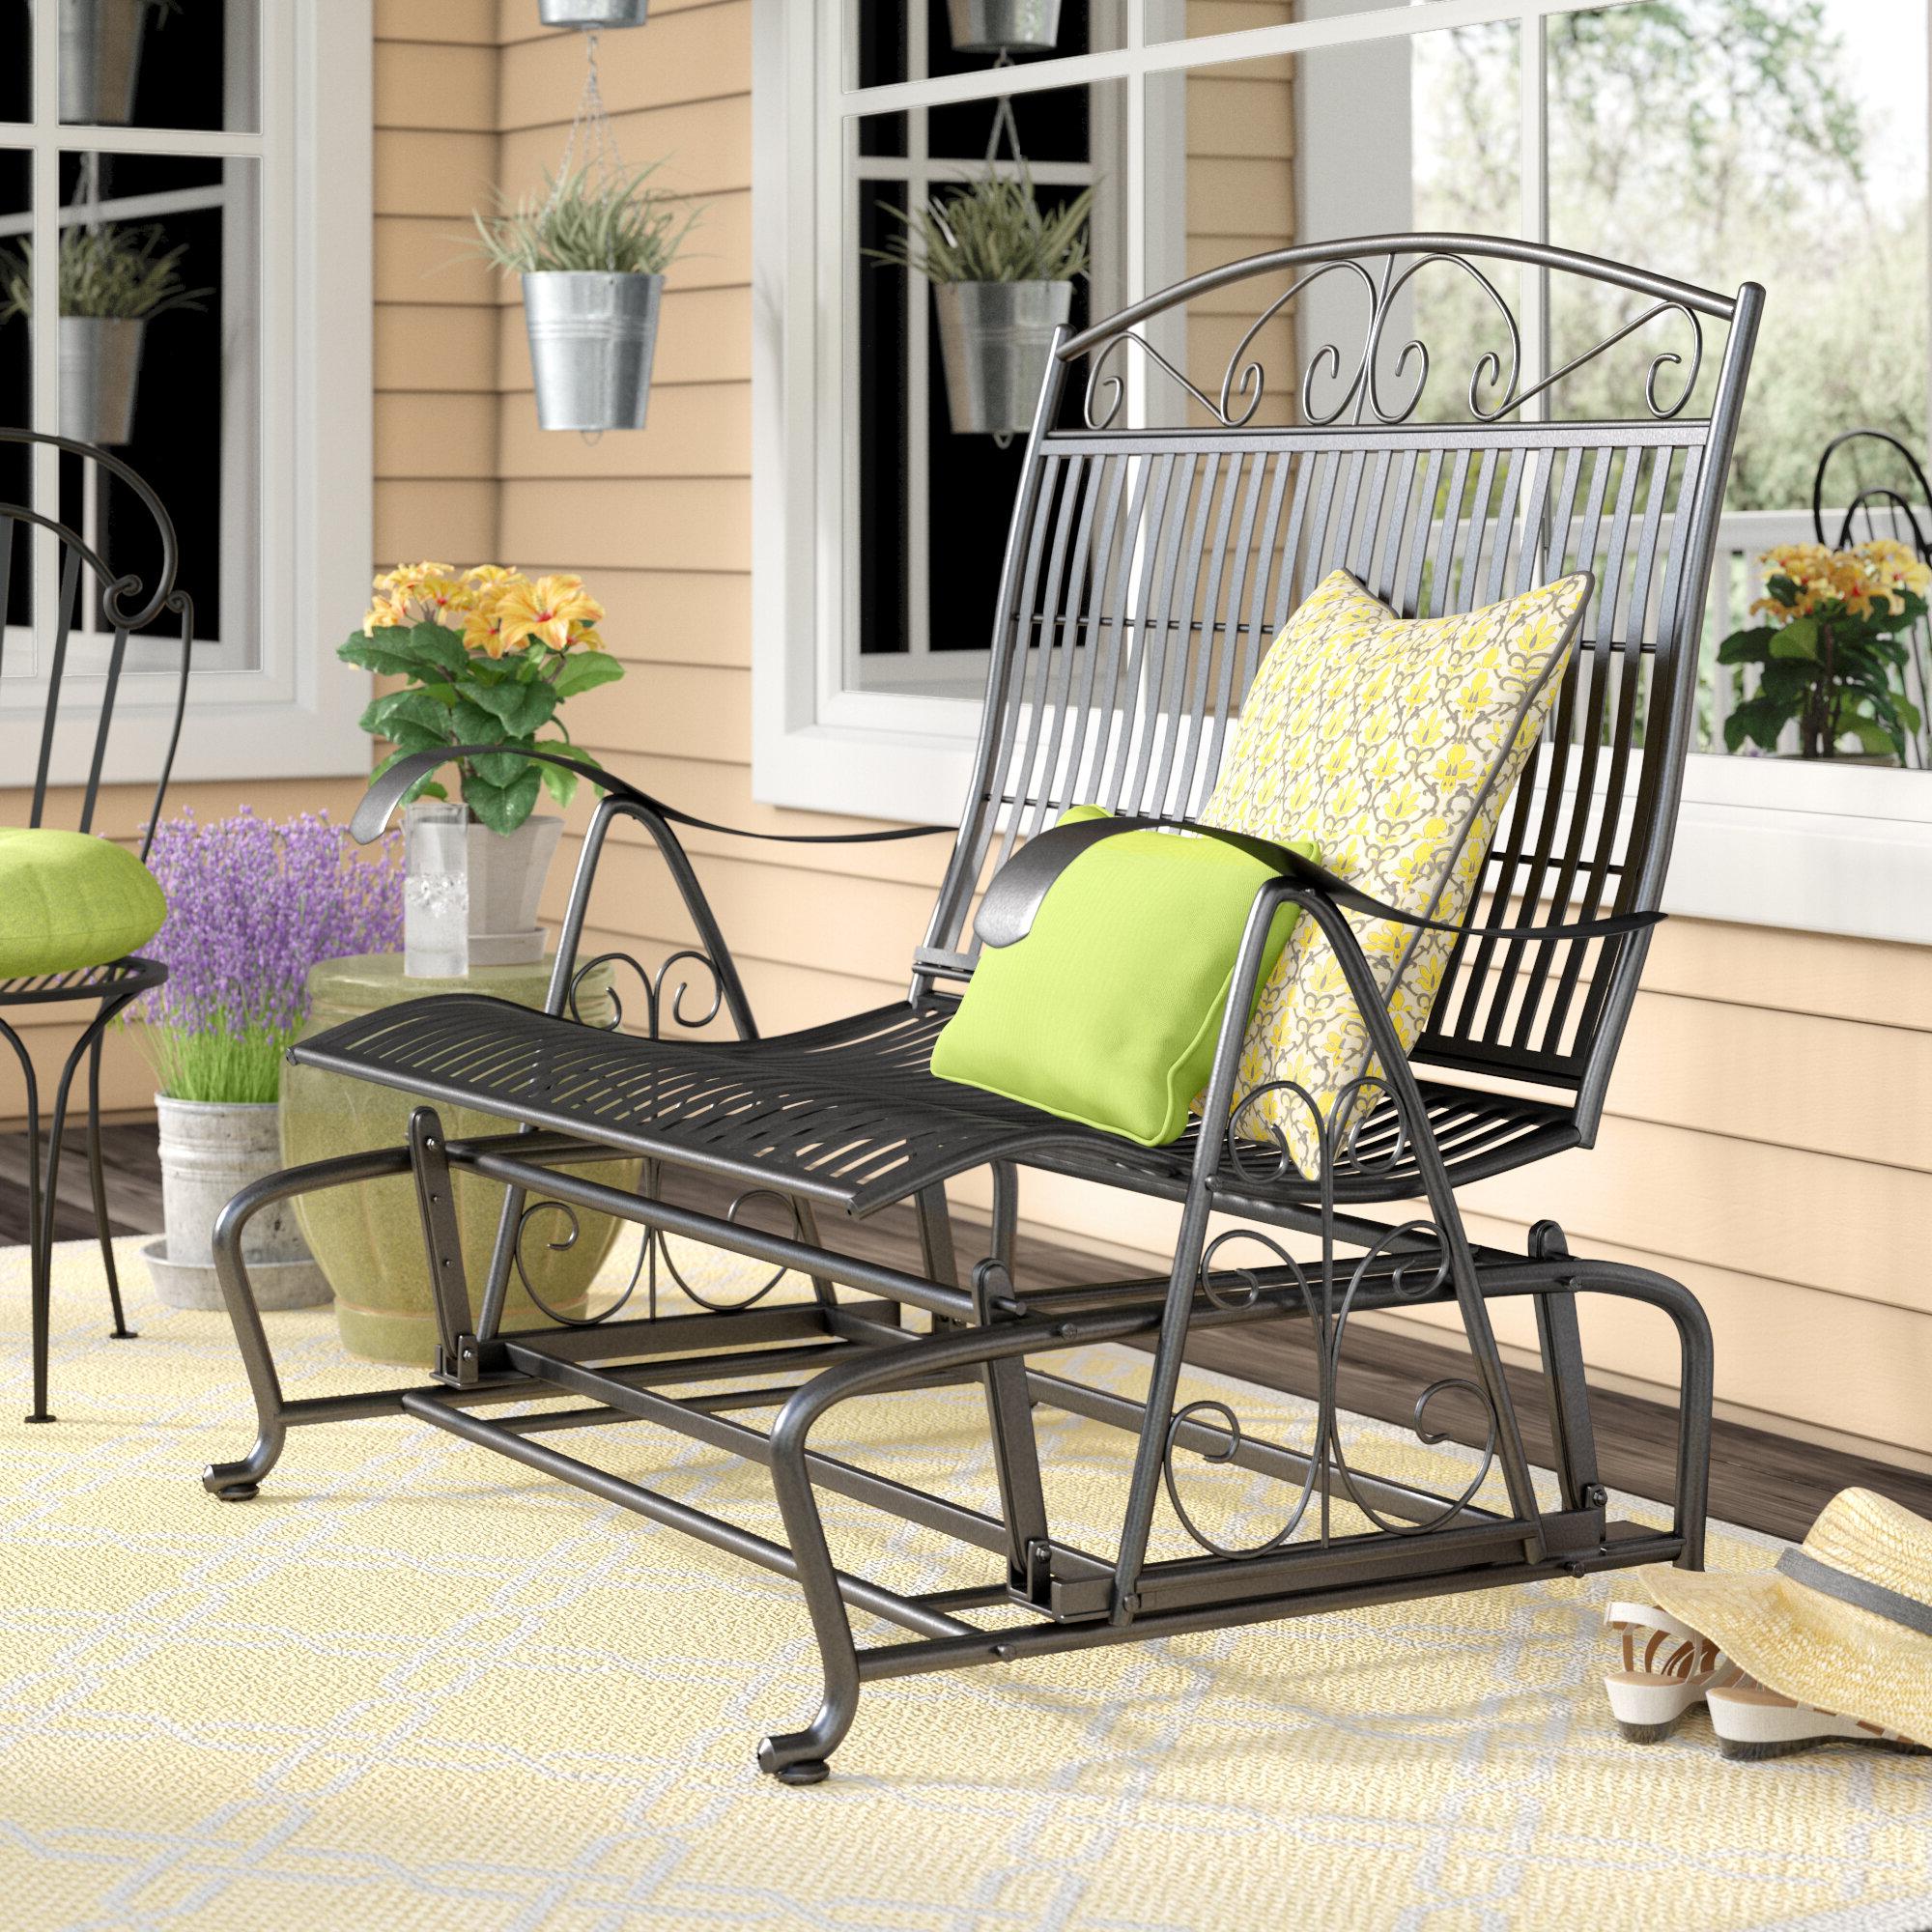 Preferred Iron Double Patio Glider Benches Within Nocona Iron Double Patio Glider Bench (View 7 of 30)